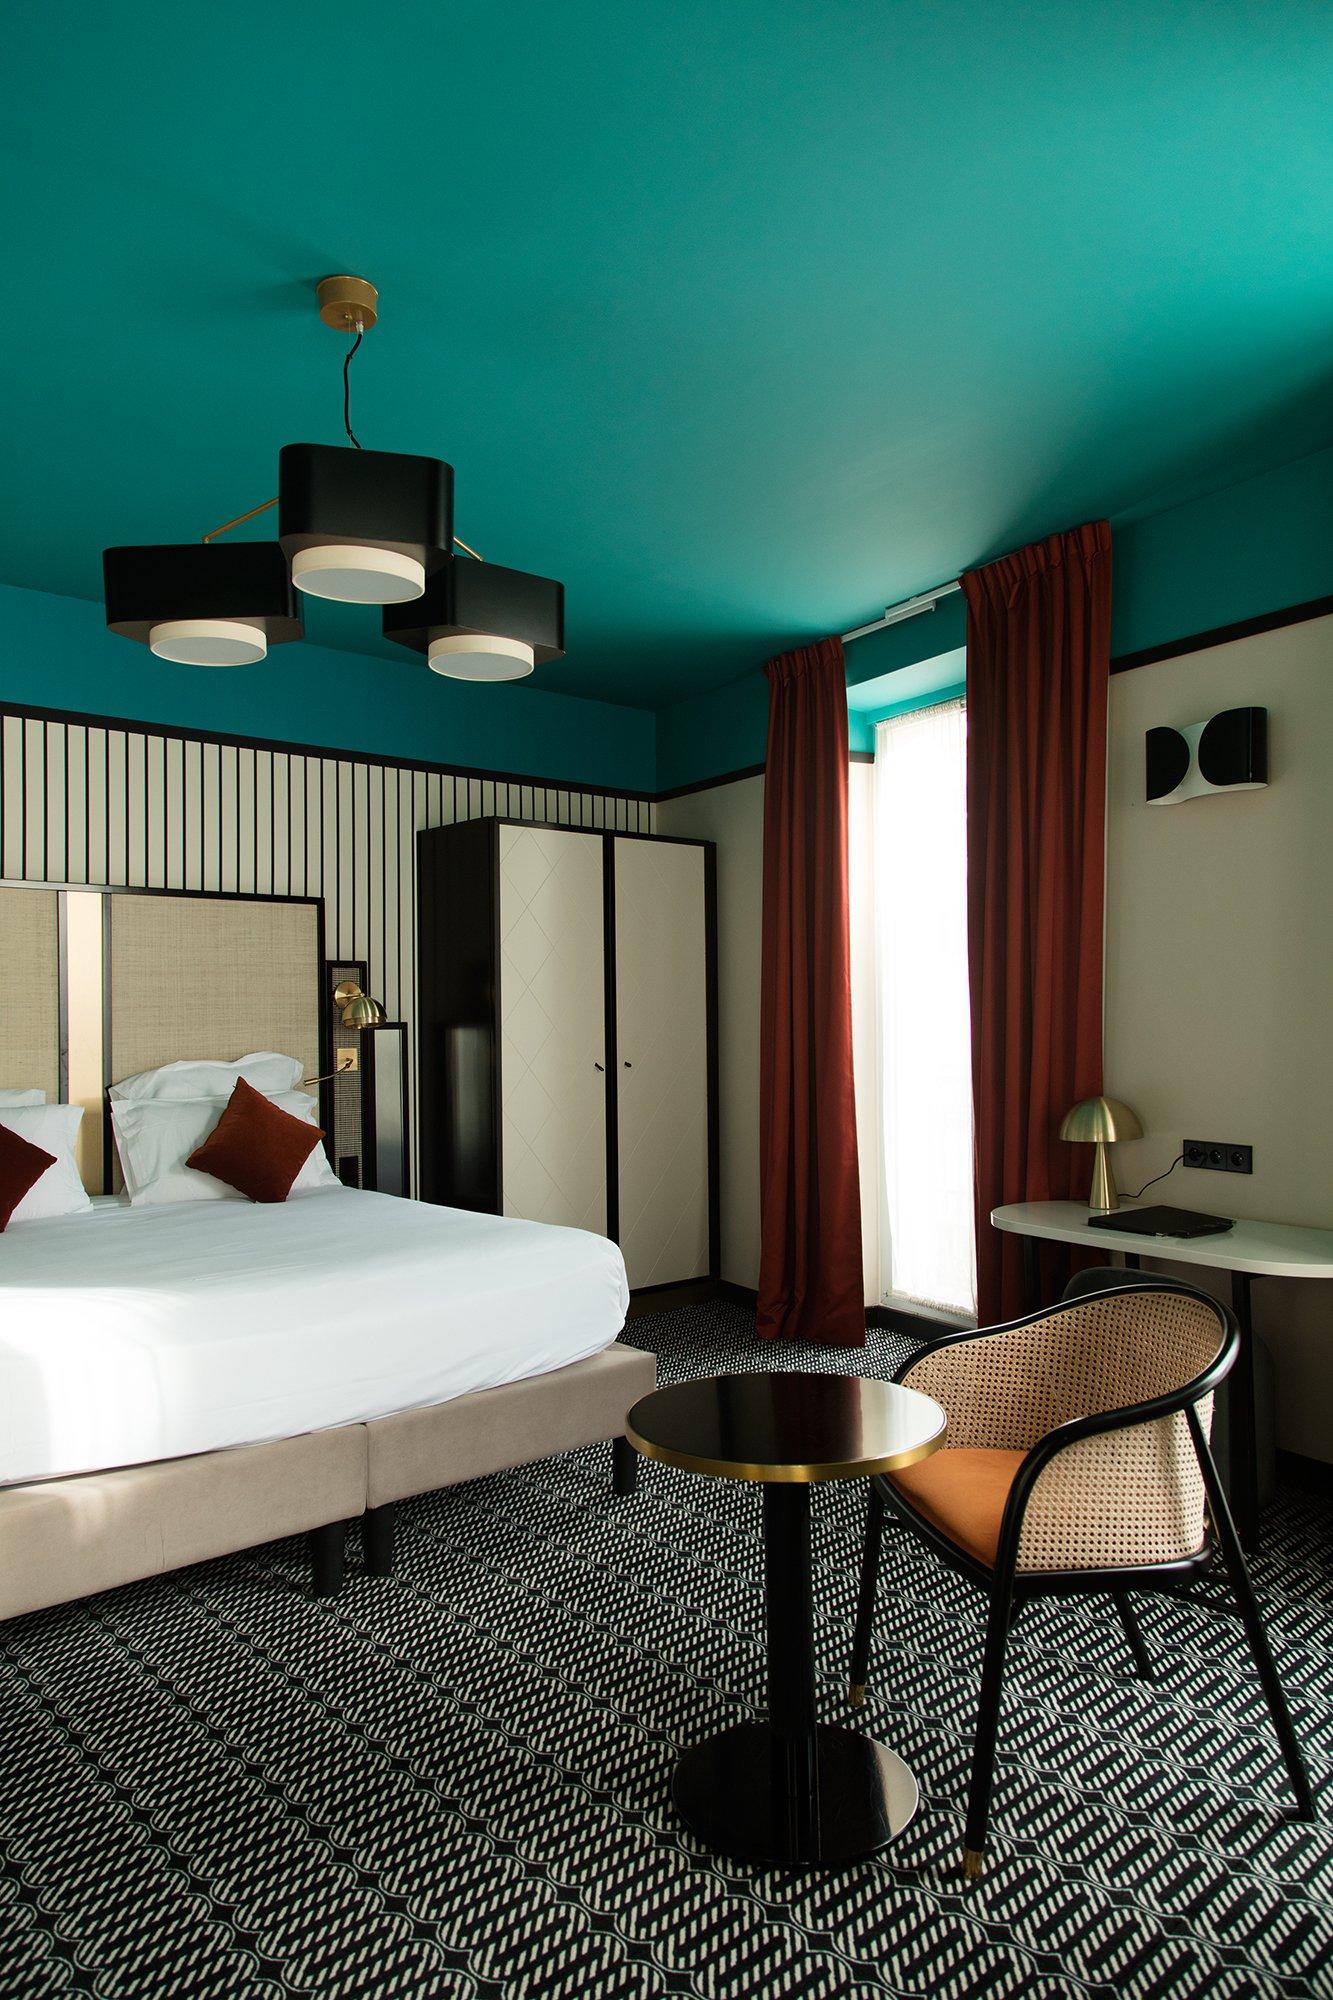 Chambre Hôtel Roosevelt Fauteuil Cavallo Nice Laurent Maugoust